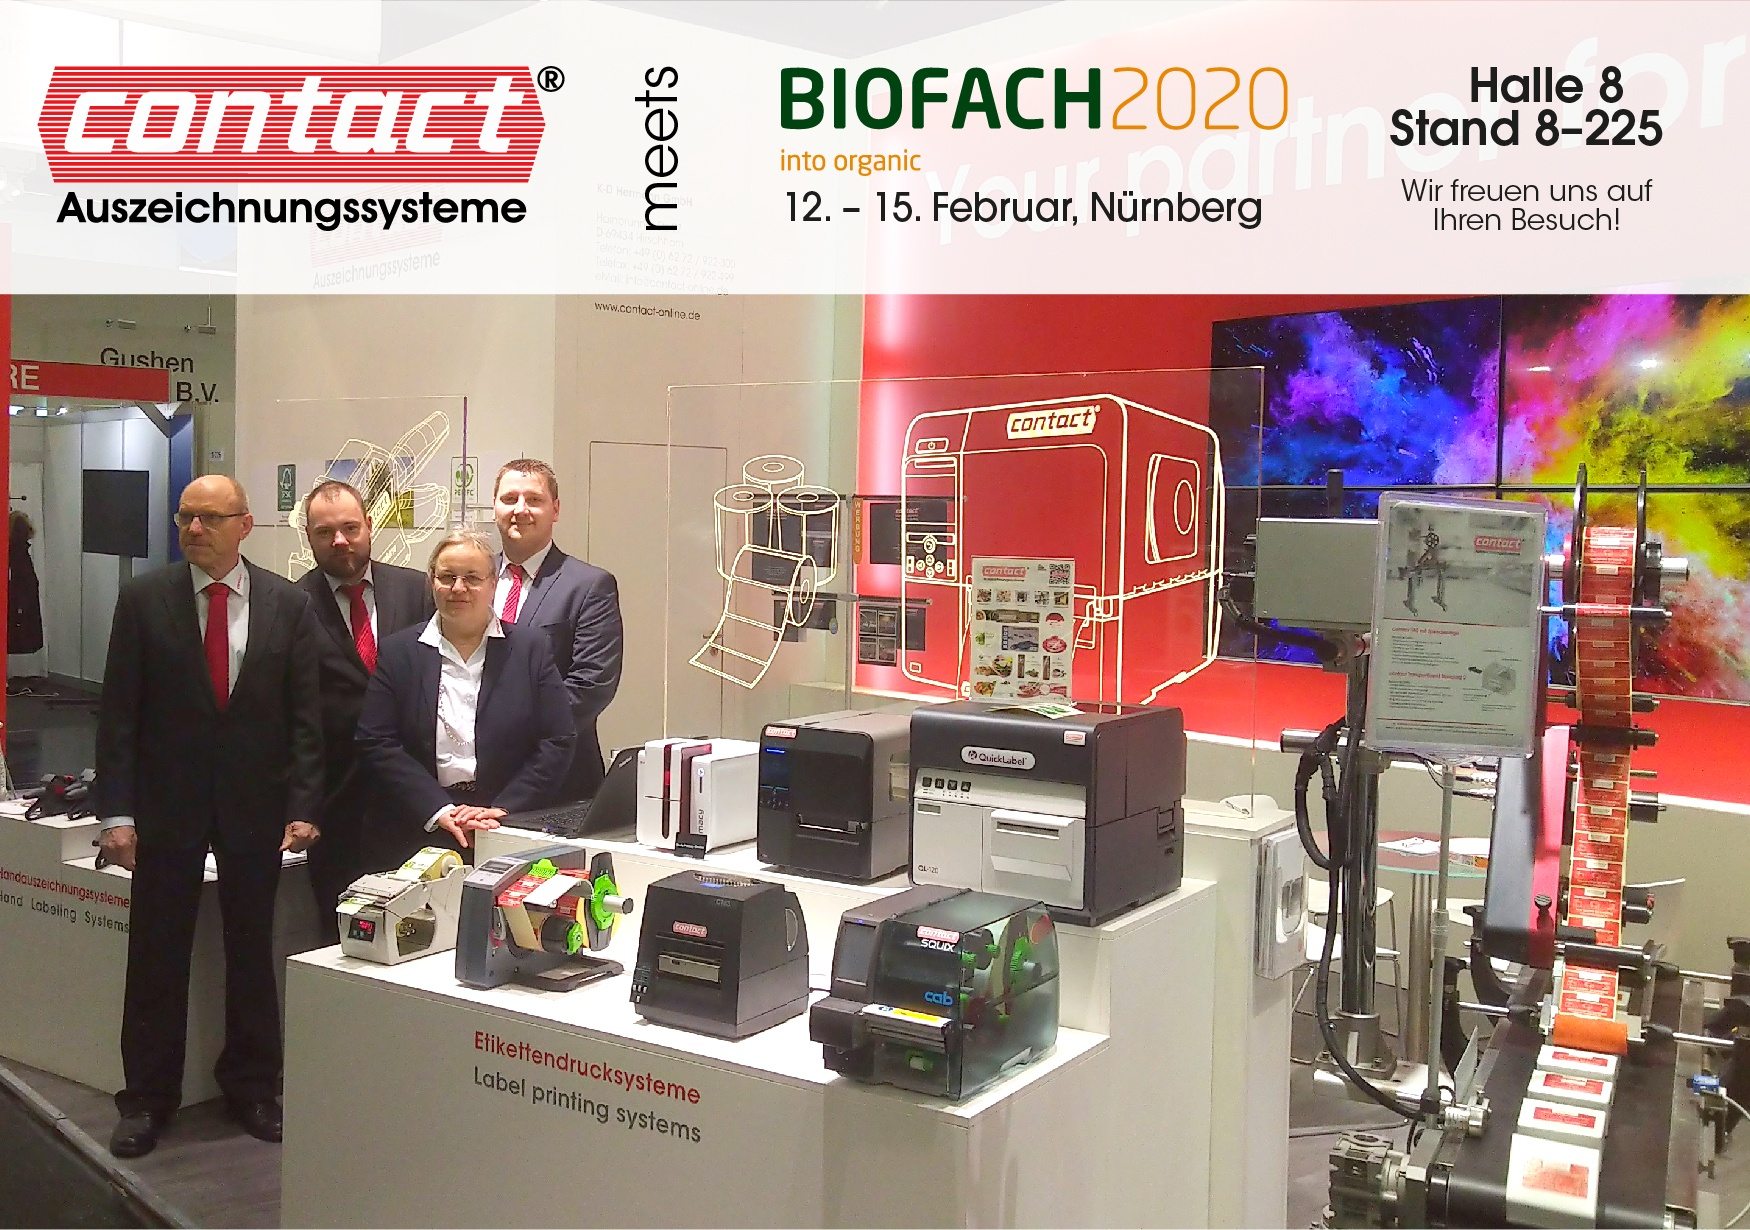 contact als Aussteller auf der Weltleitmesse für Bio-Lebensmittel - contact Auszeichnungssysteme